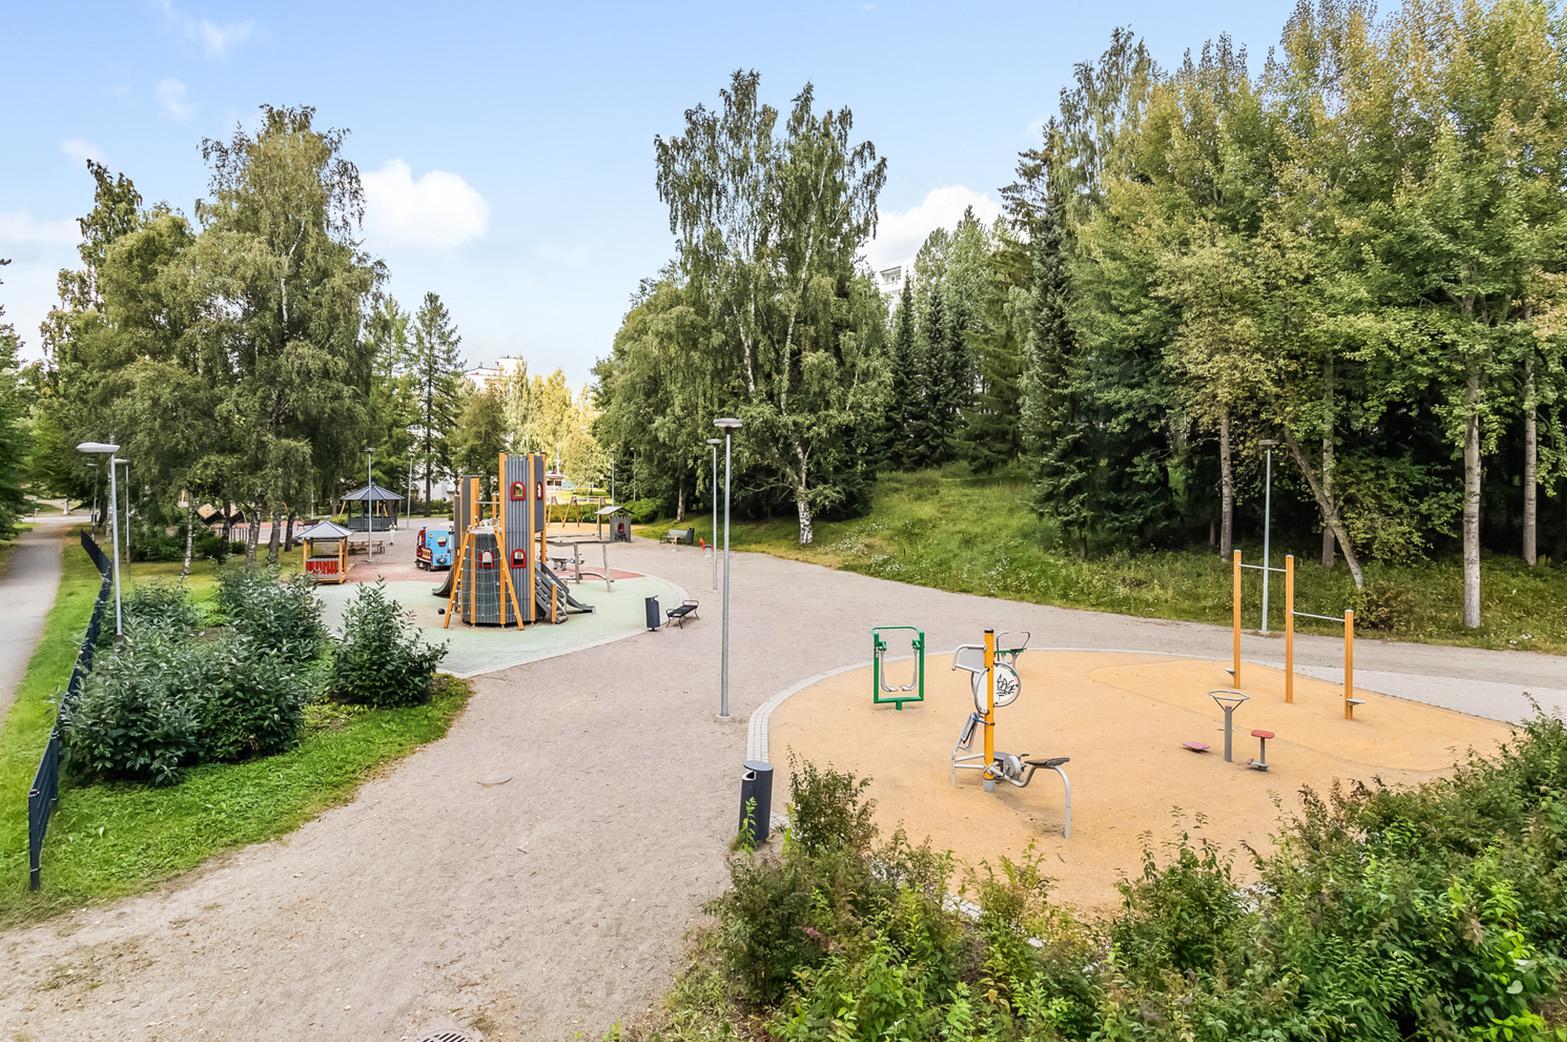 Leikkipuisto Kuopio